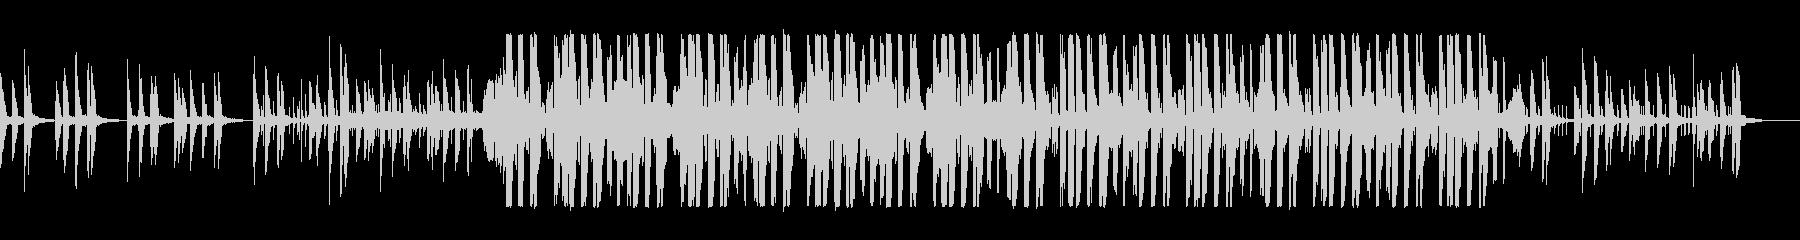 デジタルシンセのエレクトロポップスの未再生の波形